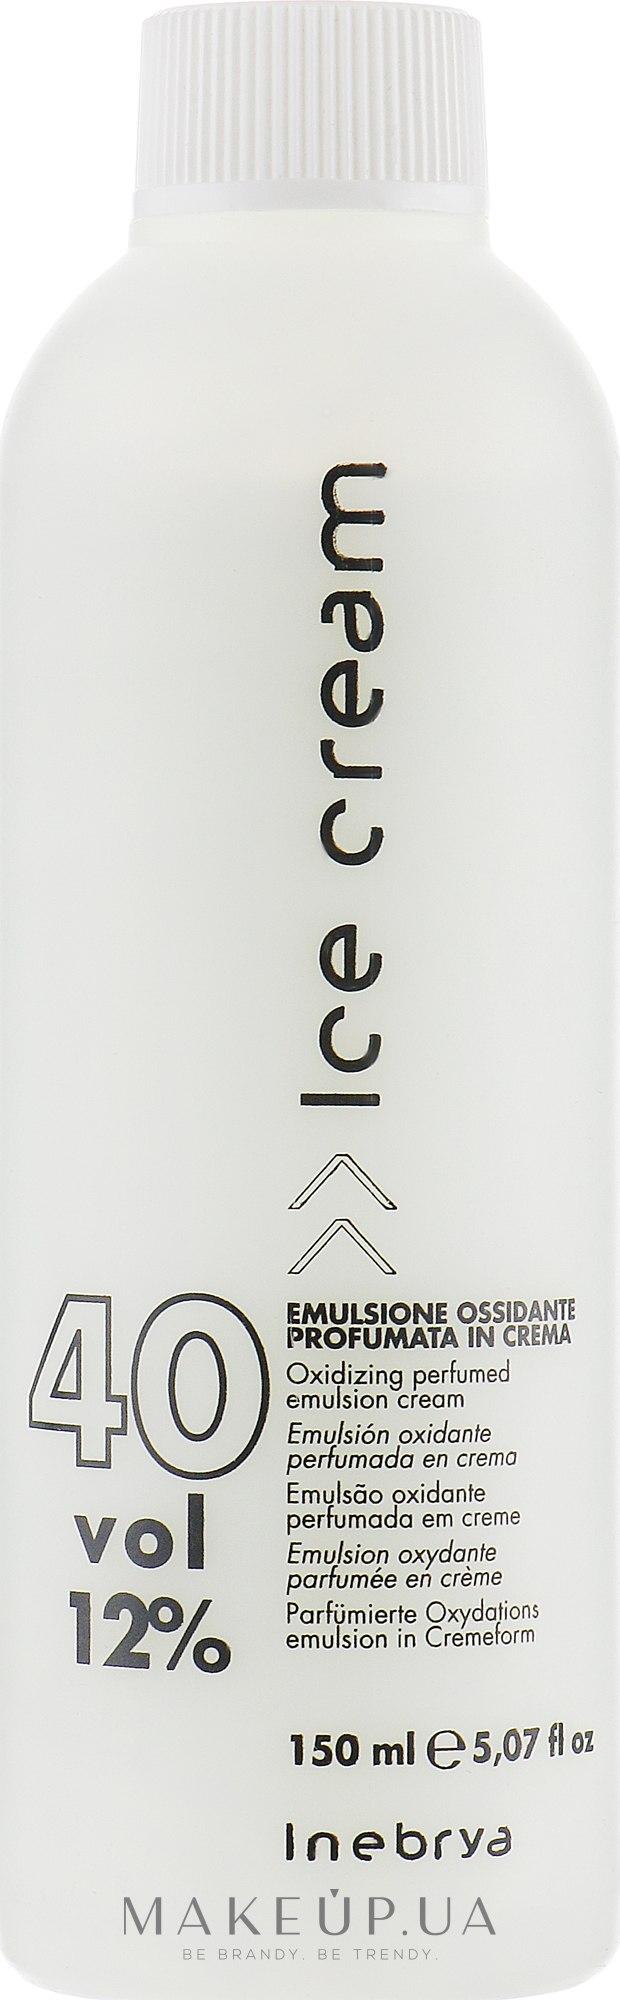 Парфумована окислювальна емульсія для волосся 12% - Inebrya Hydrogen Peroxide — фото 150ml